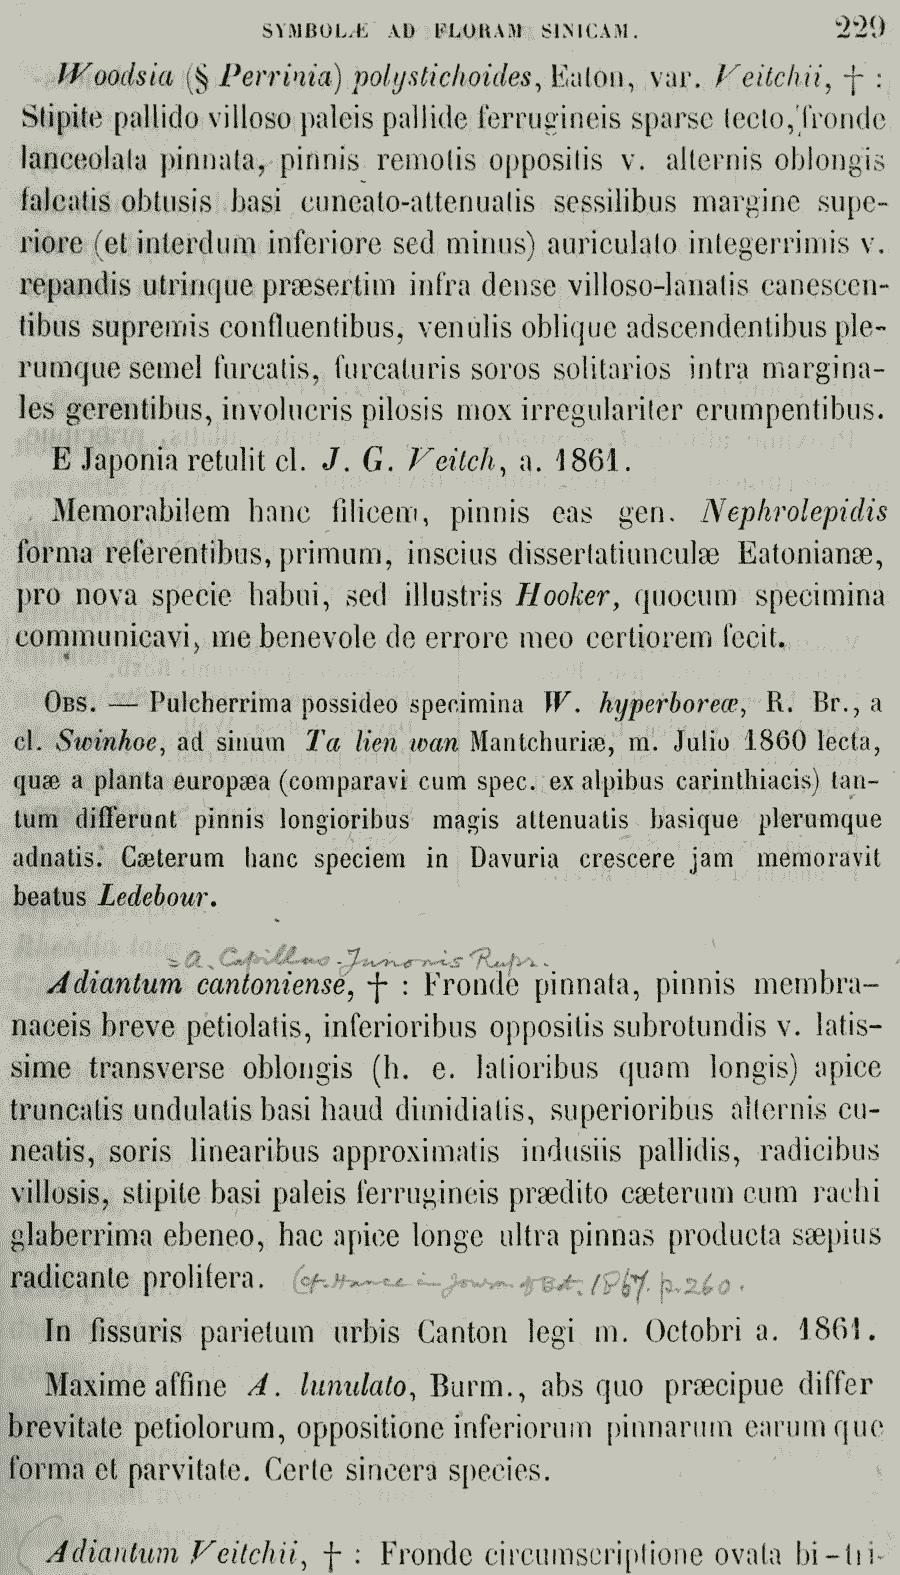 https://forum.plantarium.ru/misc.php?action=pun_attachment&item=26235